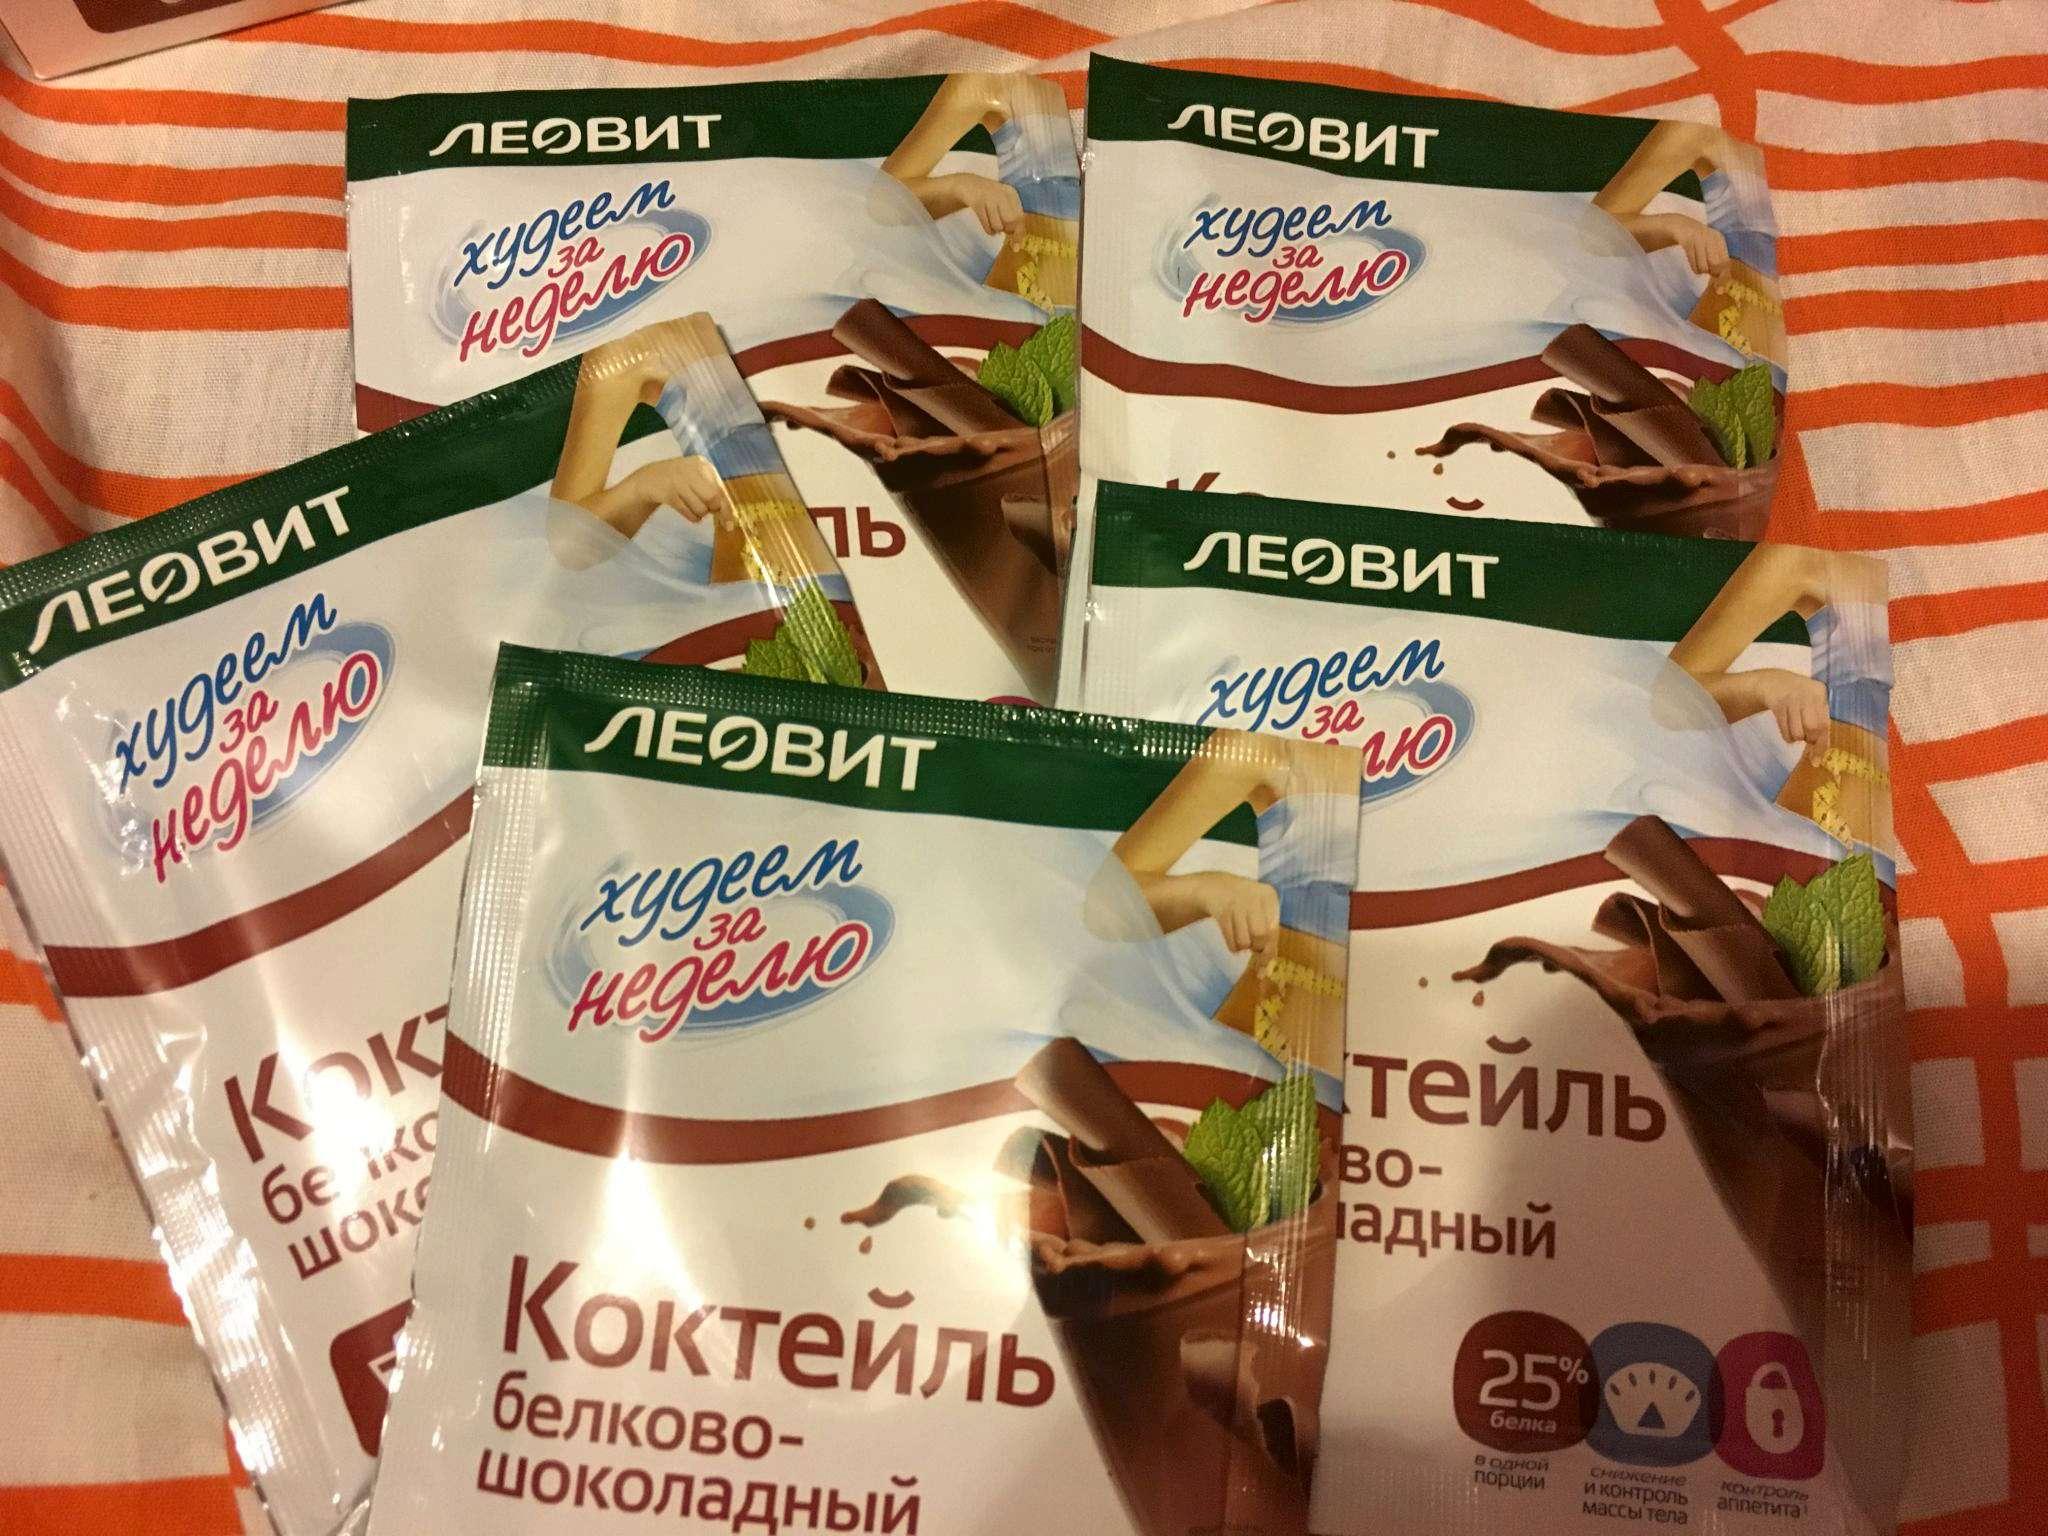 kokteyl khudeem za nedelyu belkovo shokoladnyy 40g 5 1534224258 2.JPG df2b7ca35cc